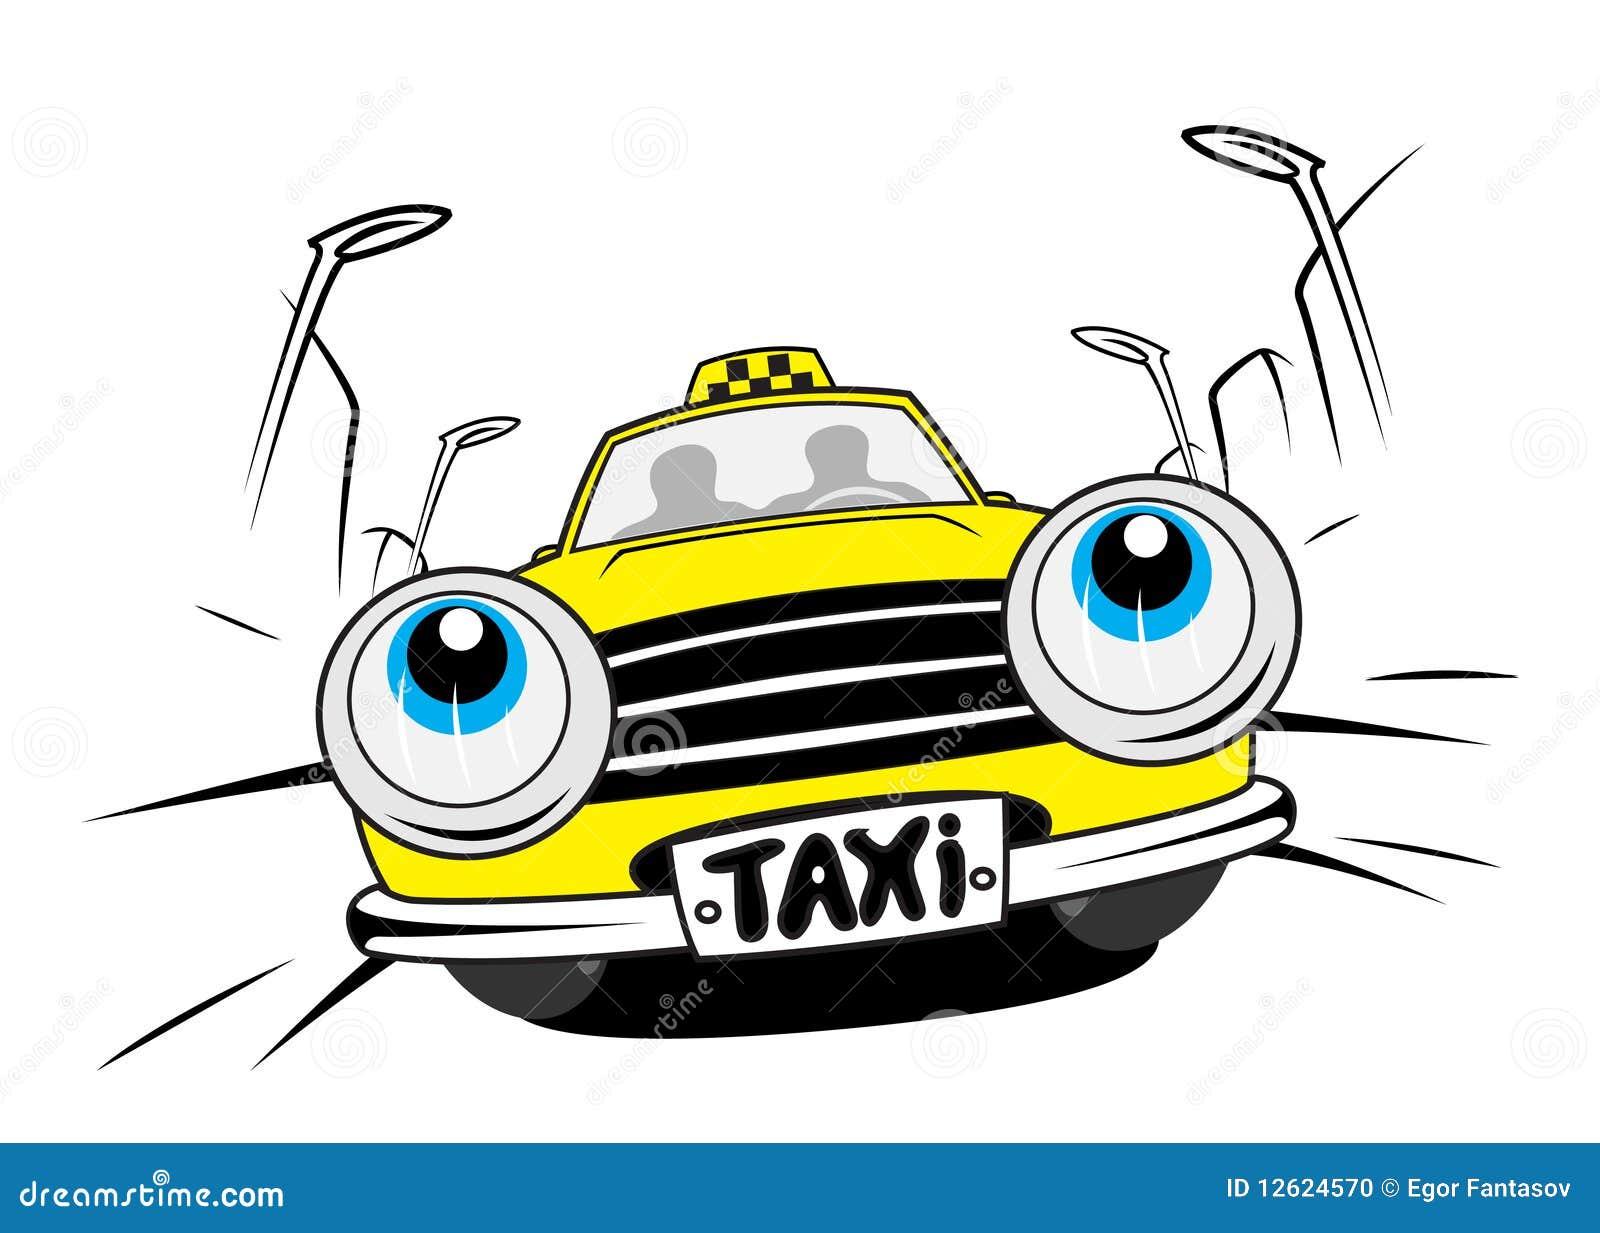 Cartoon Taxi Car Stock Photo - Image: 12624570